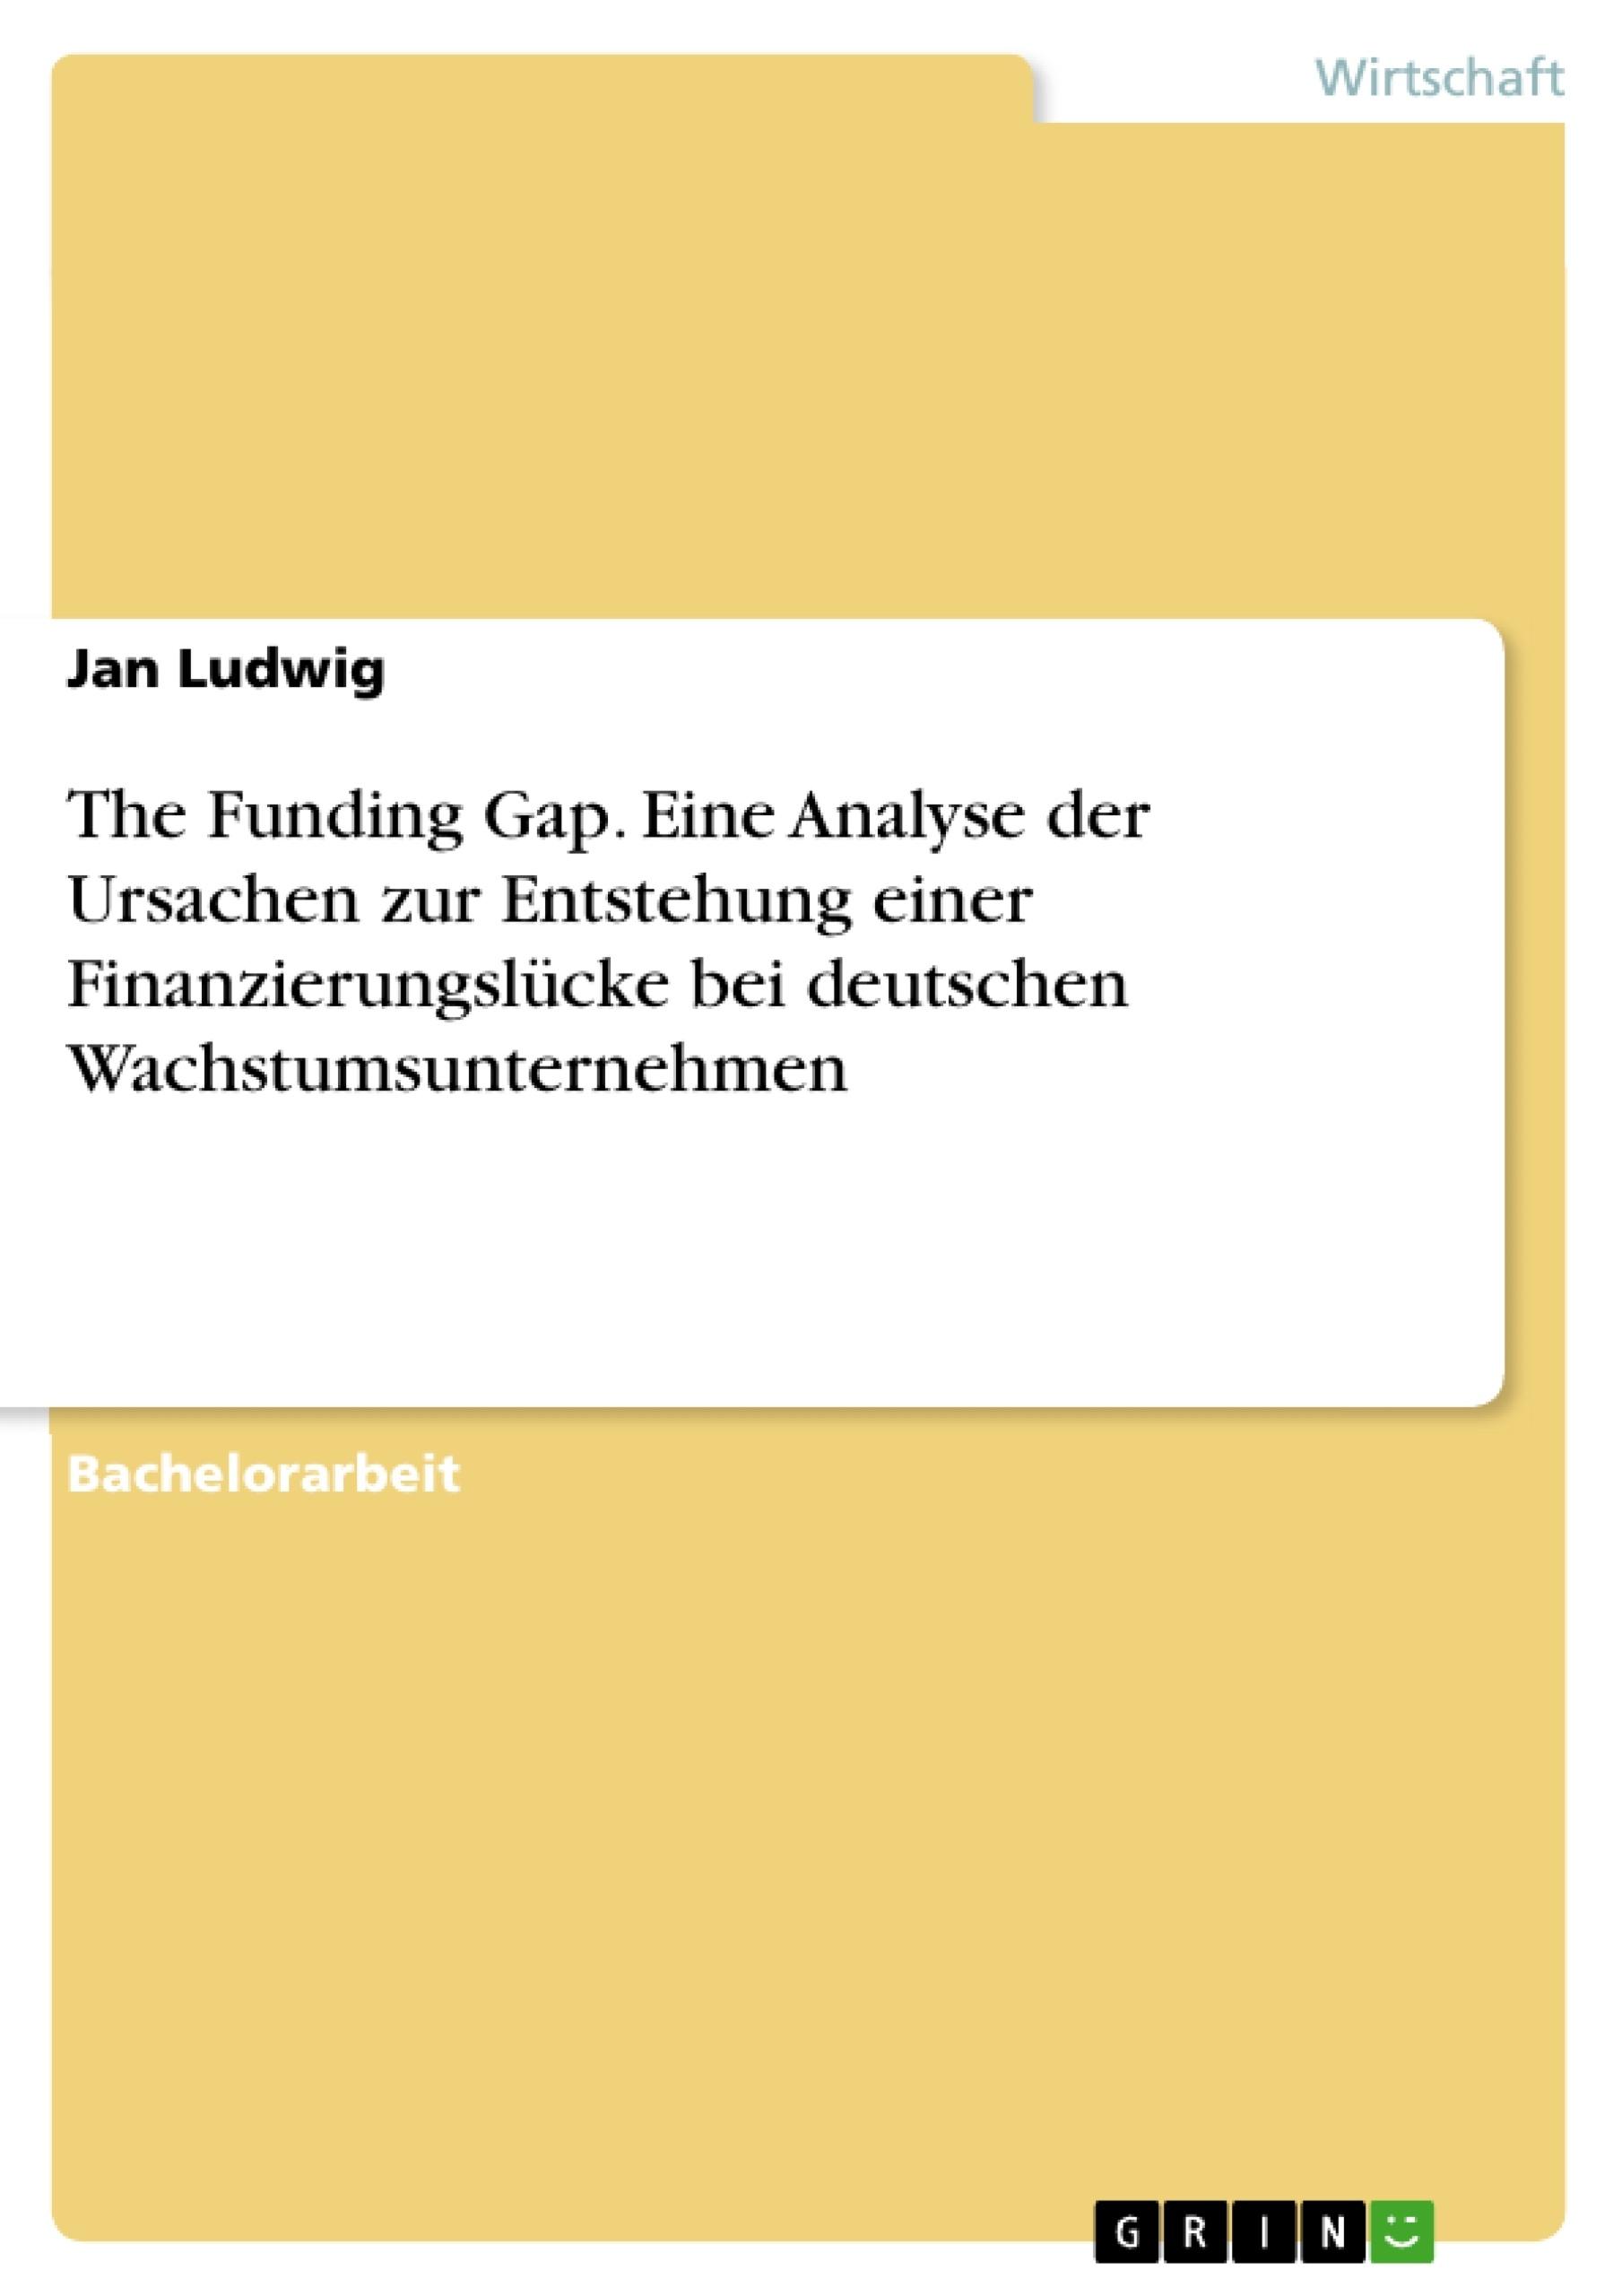 Titel: The Funding Gap. Eine Analyse der Ursachen zur Entstehung einer Finanzierungslücke bei deutschen Wachstumsunternehmen